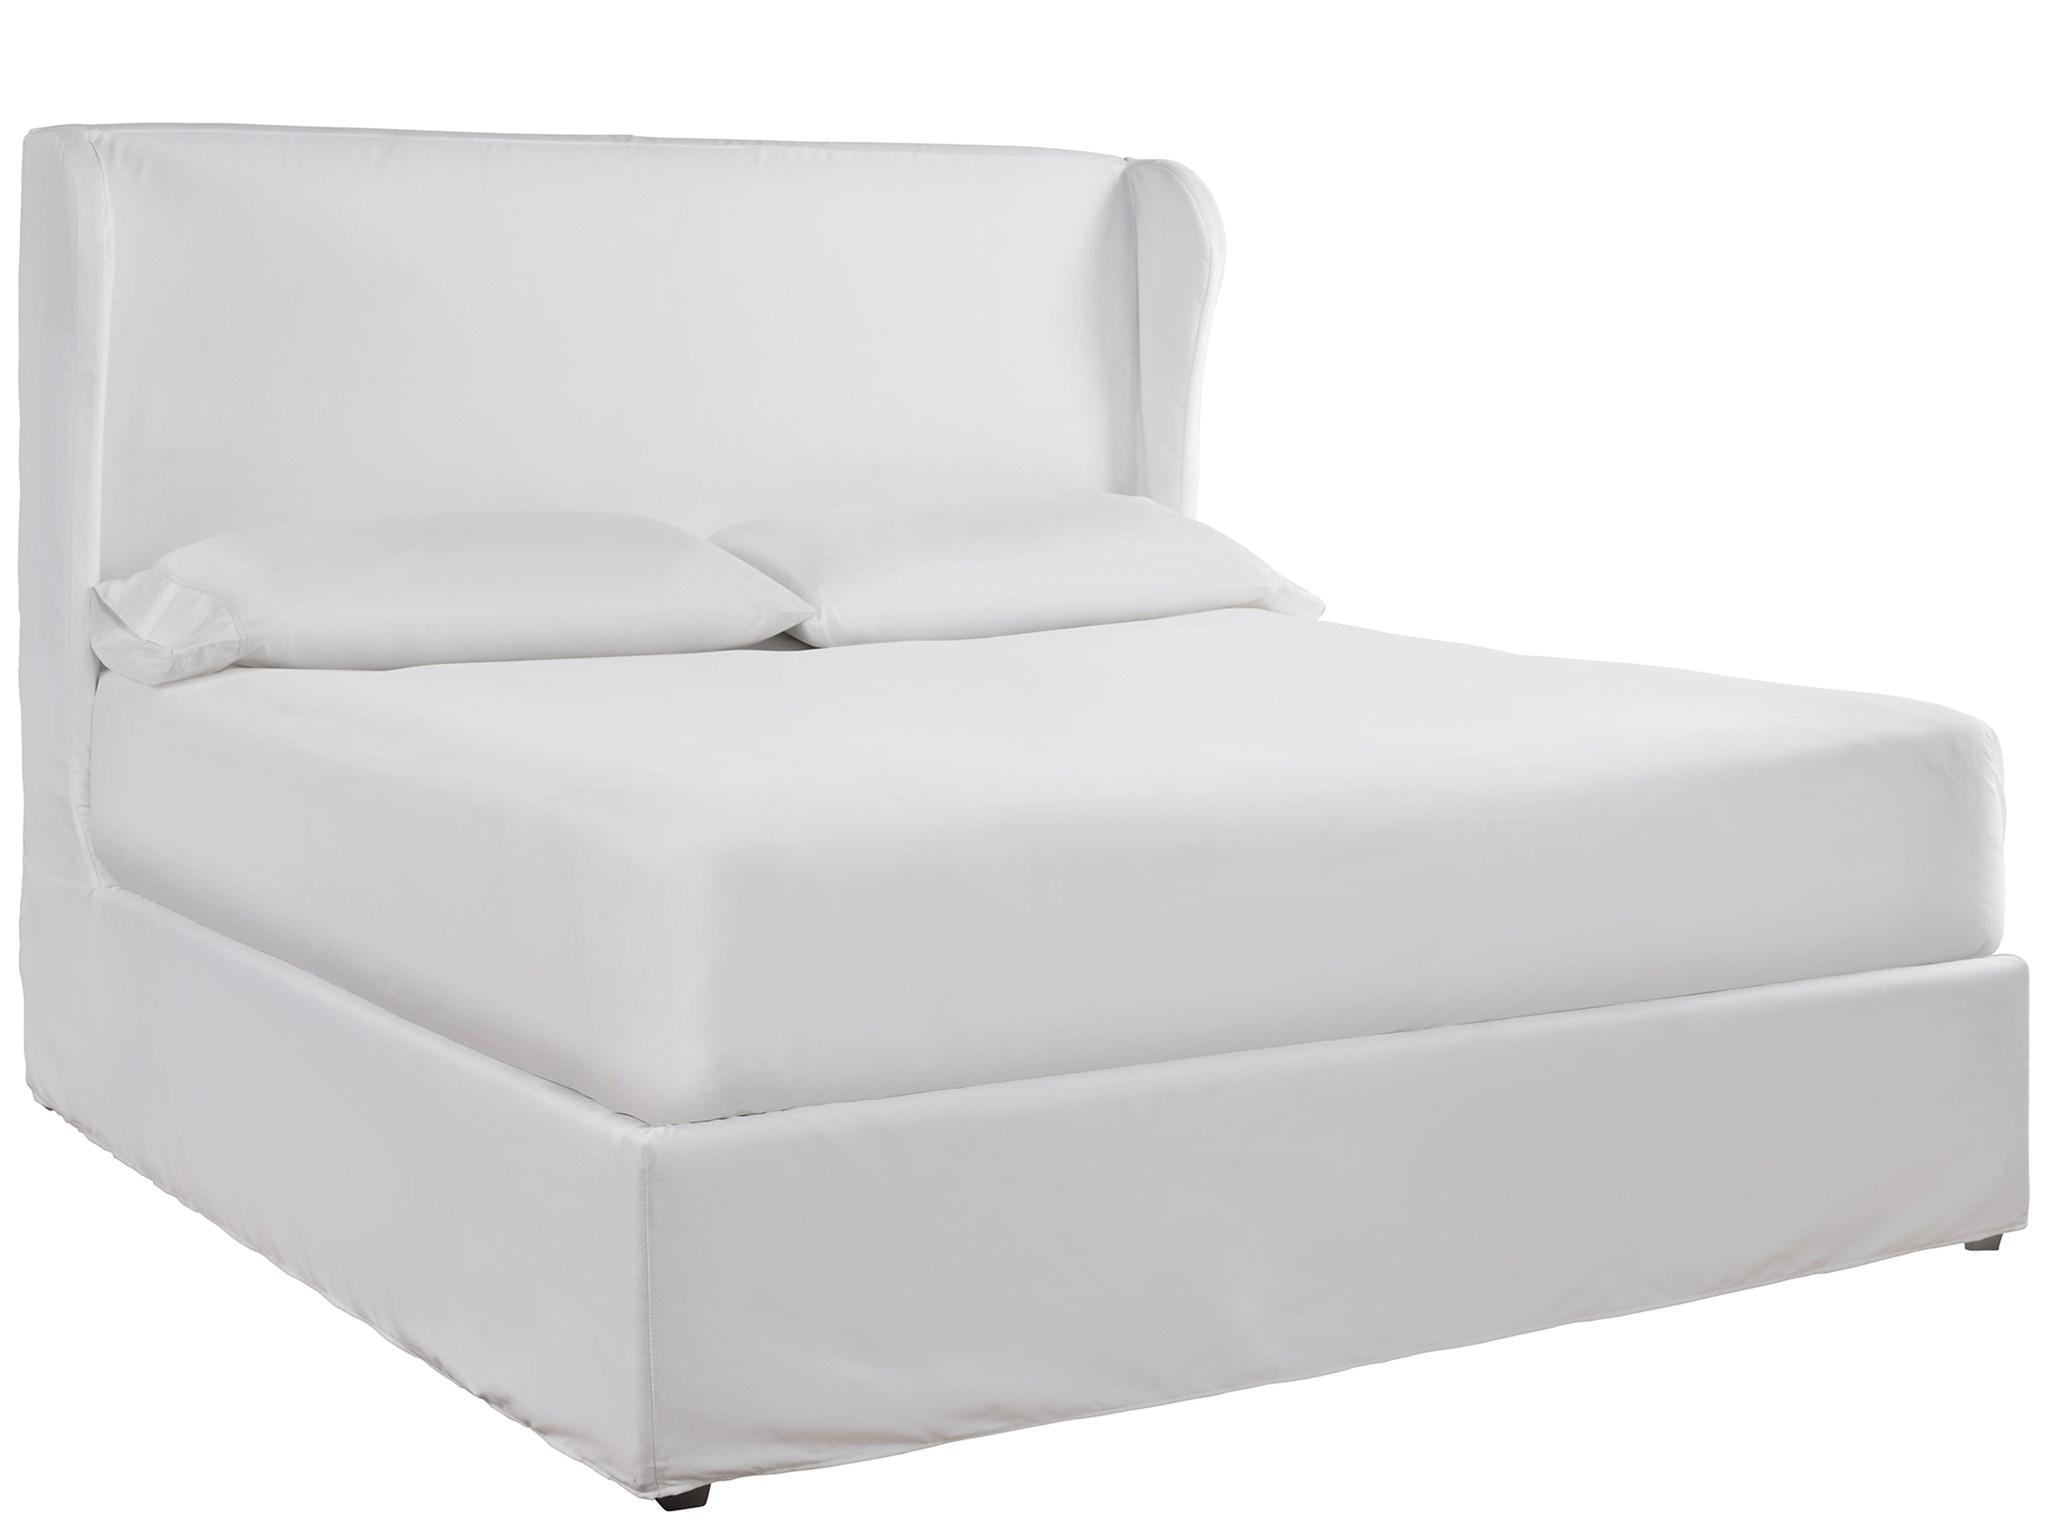 Delancey Bed - Special Order